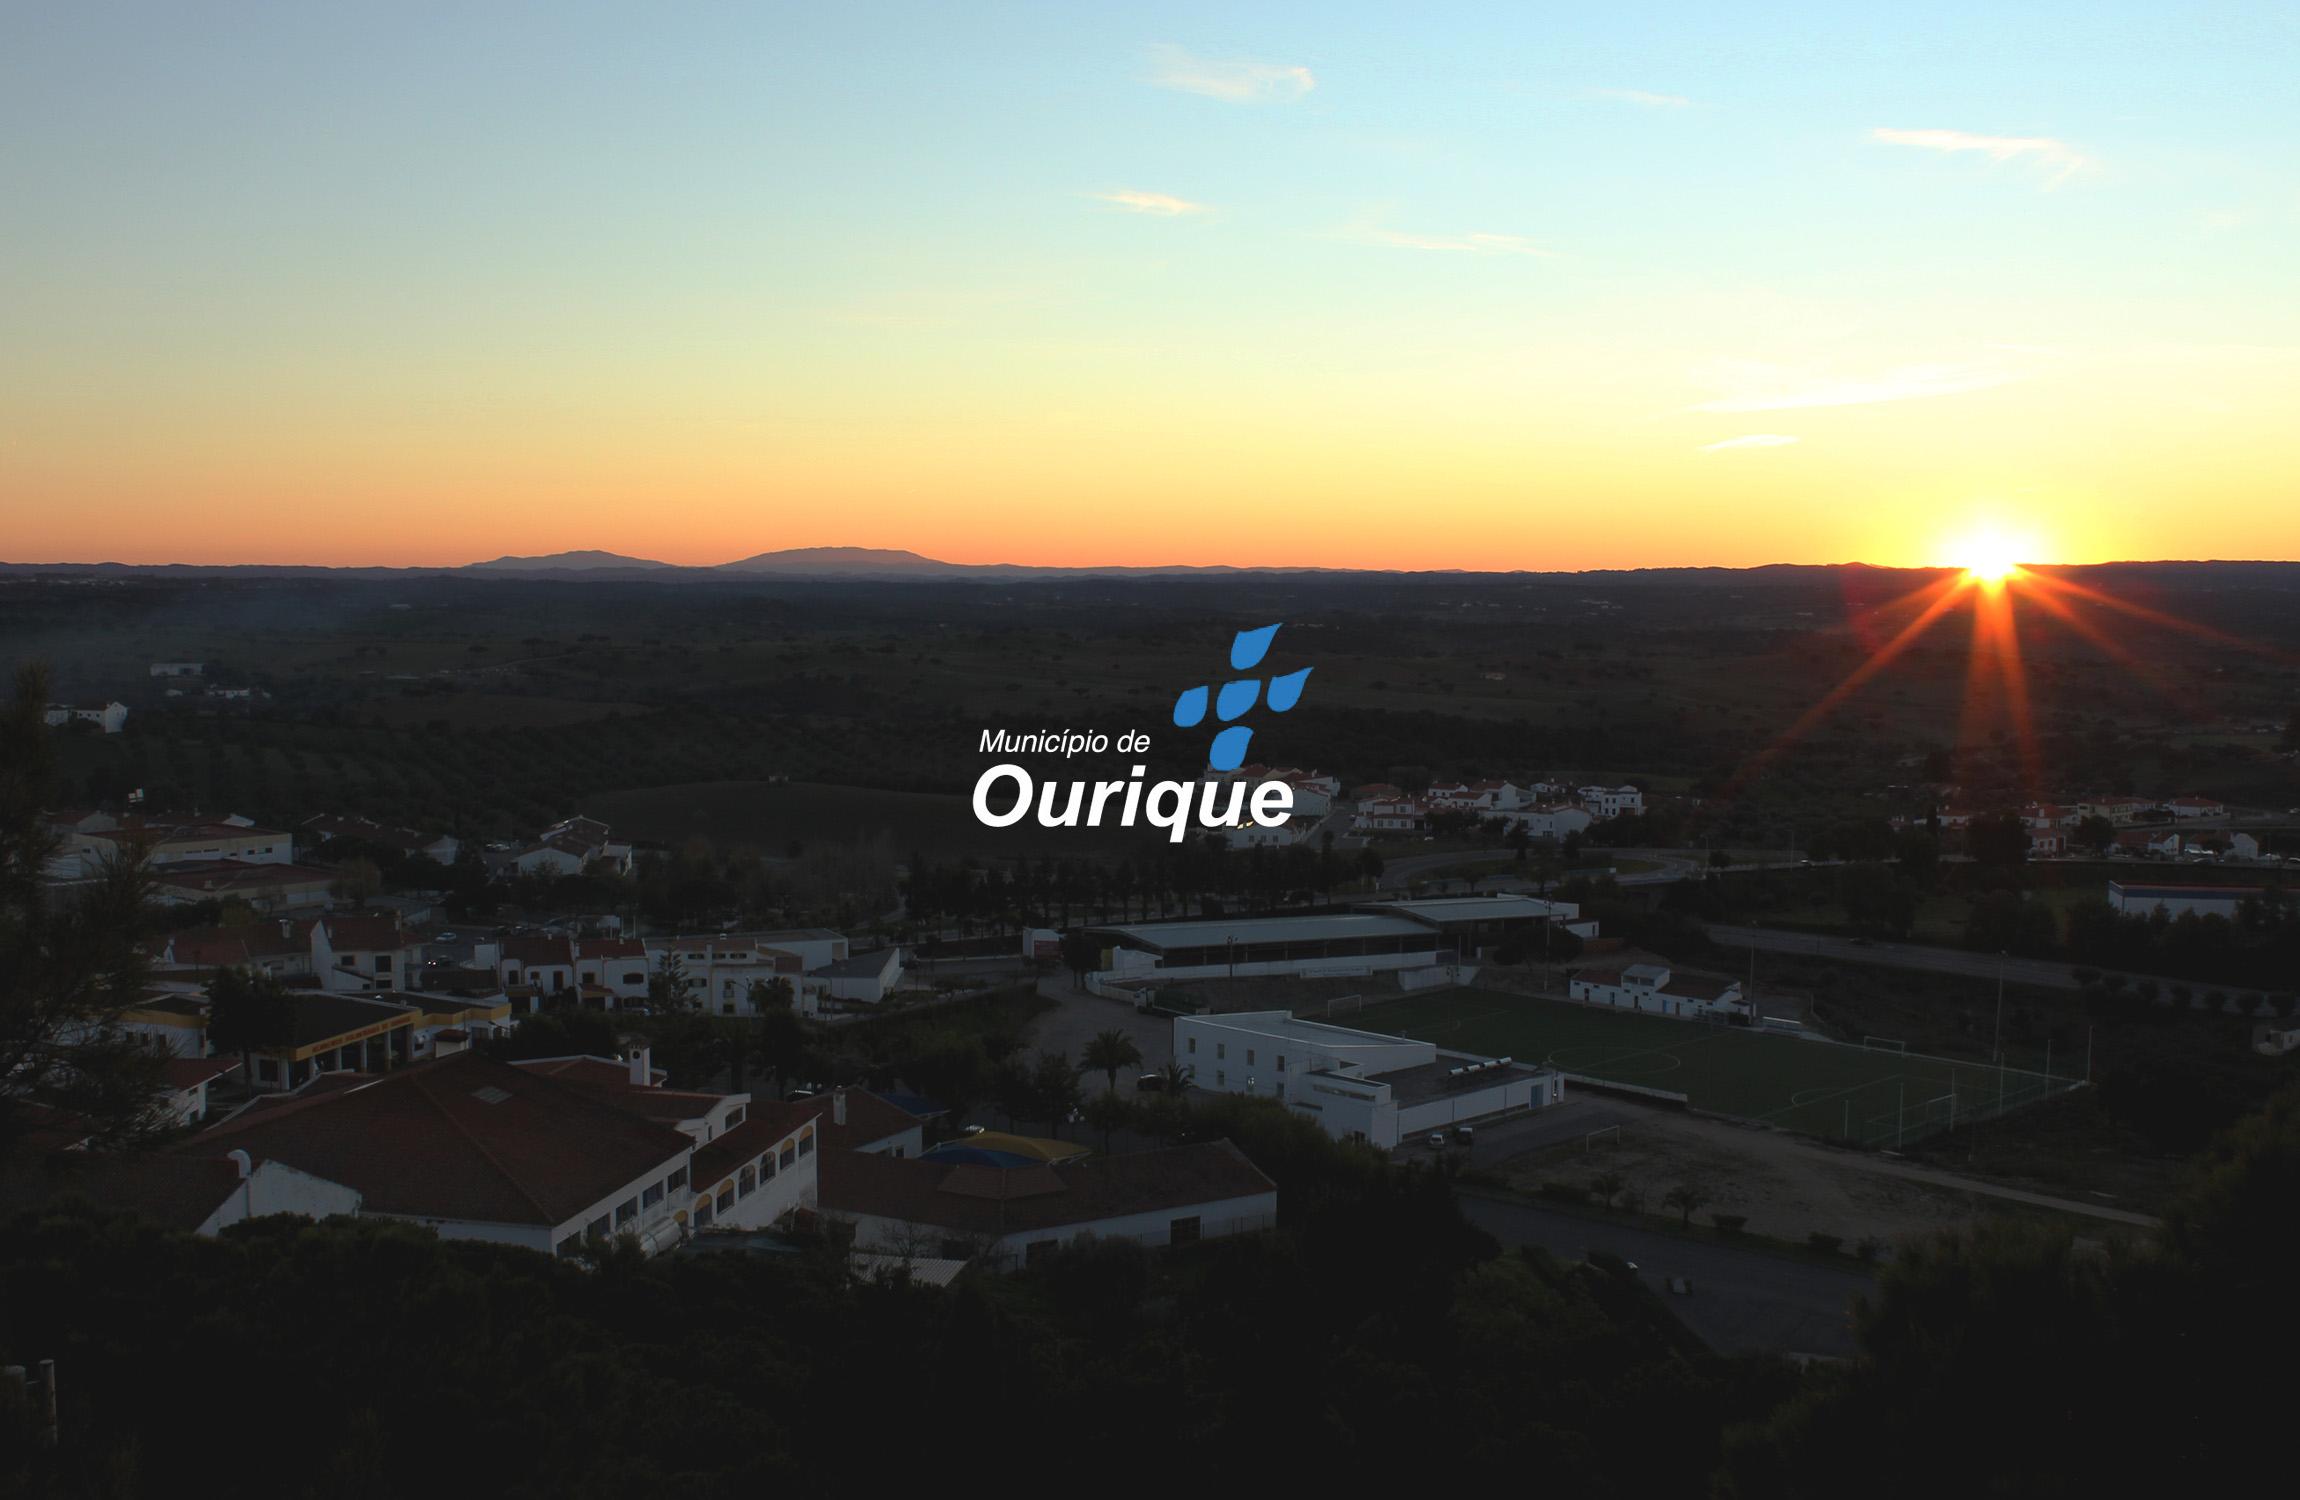 Ourique-01